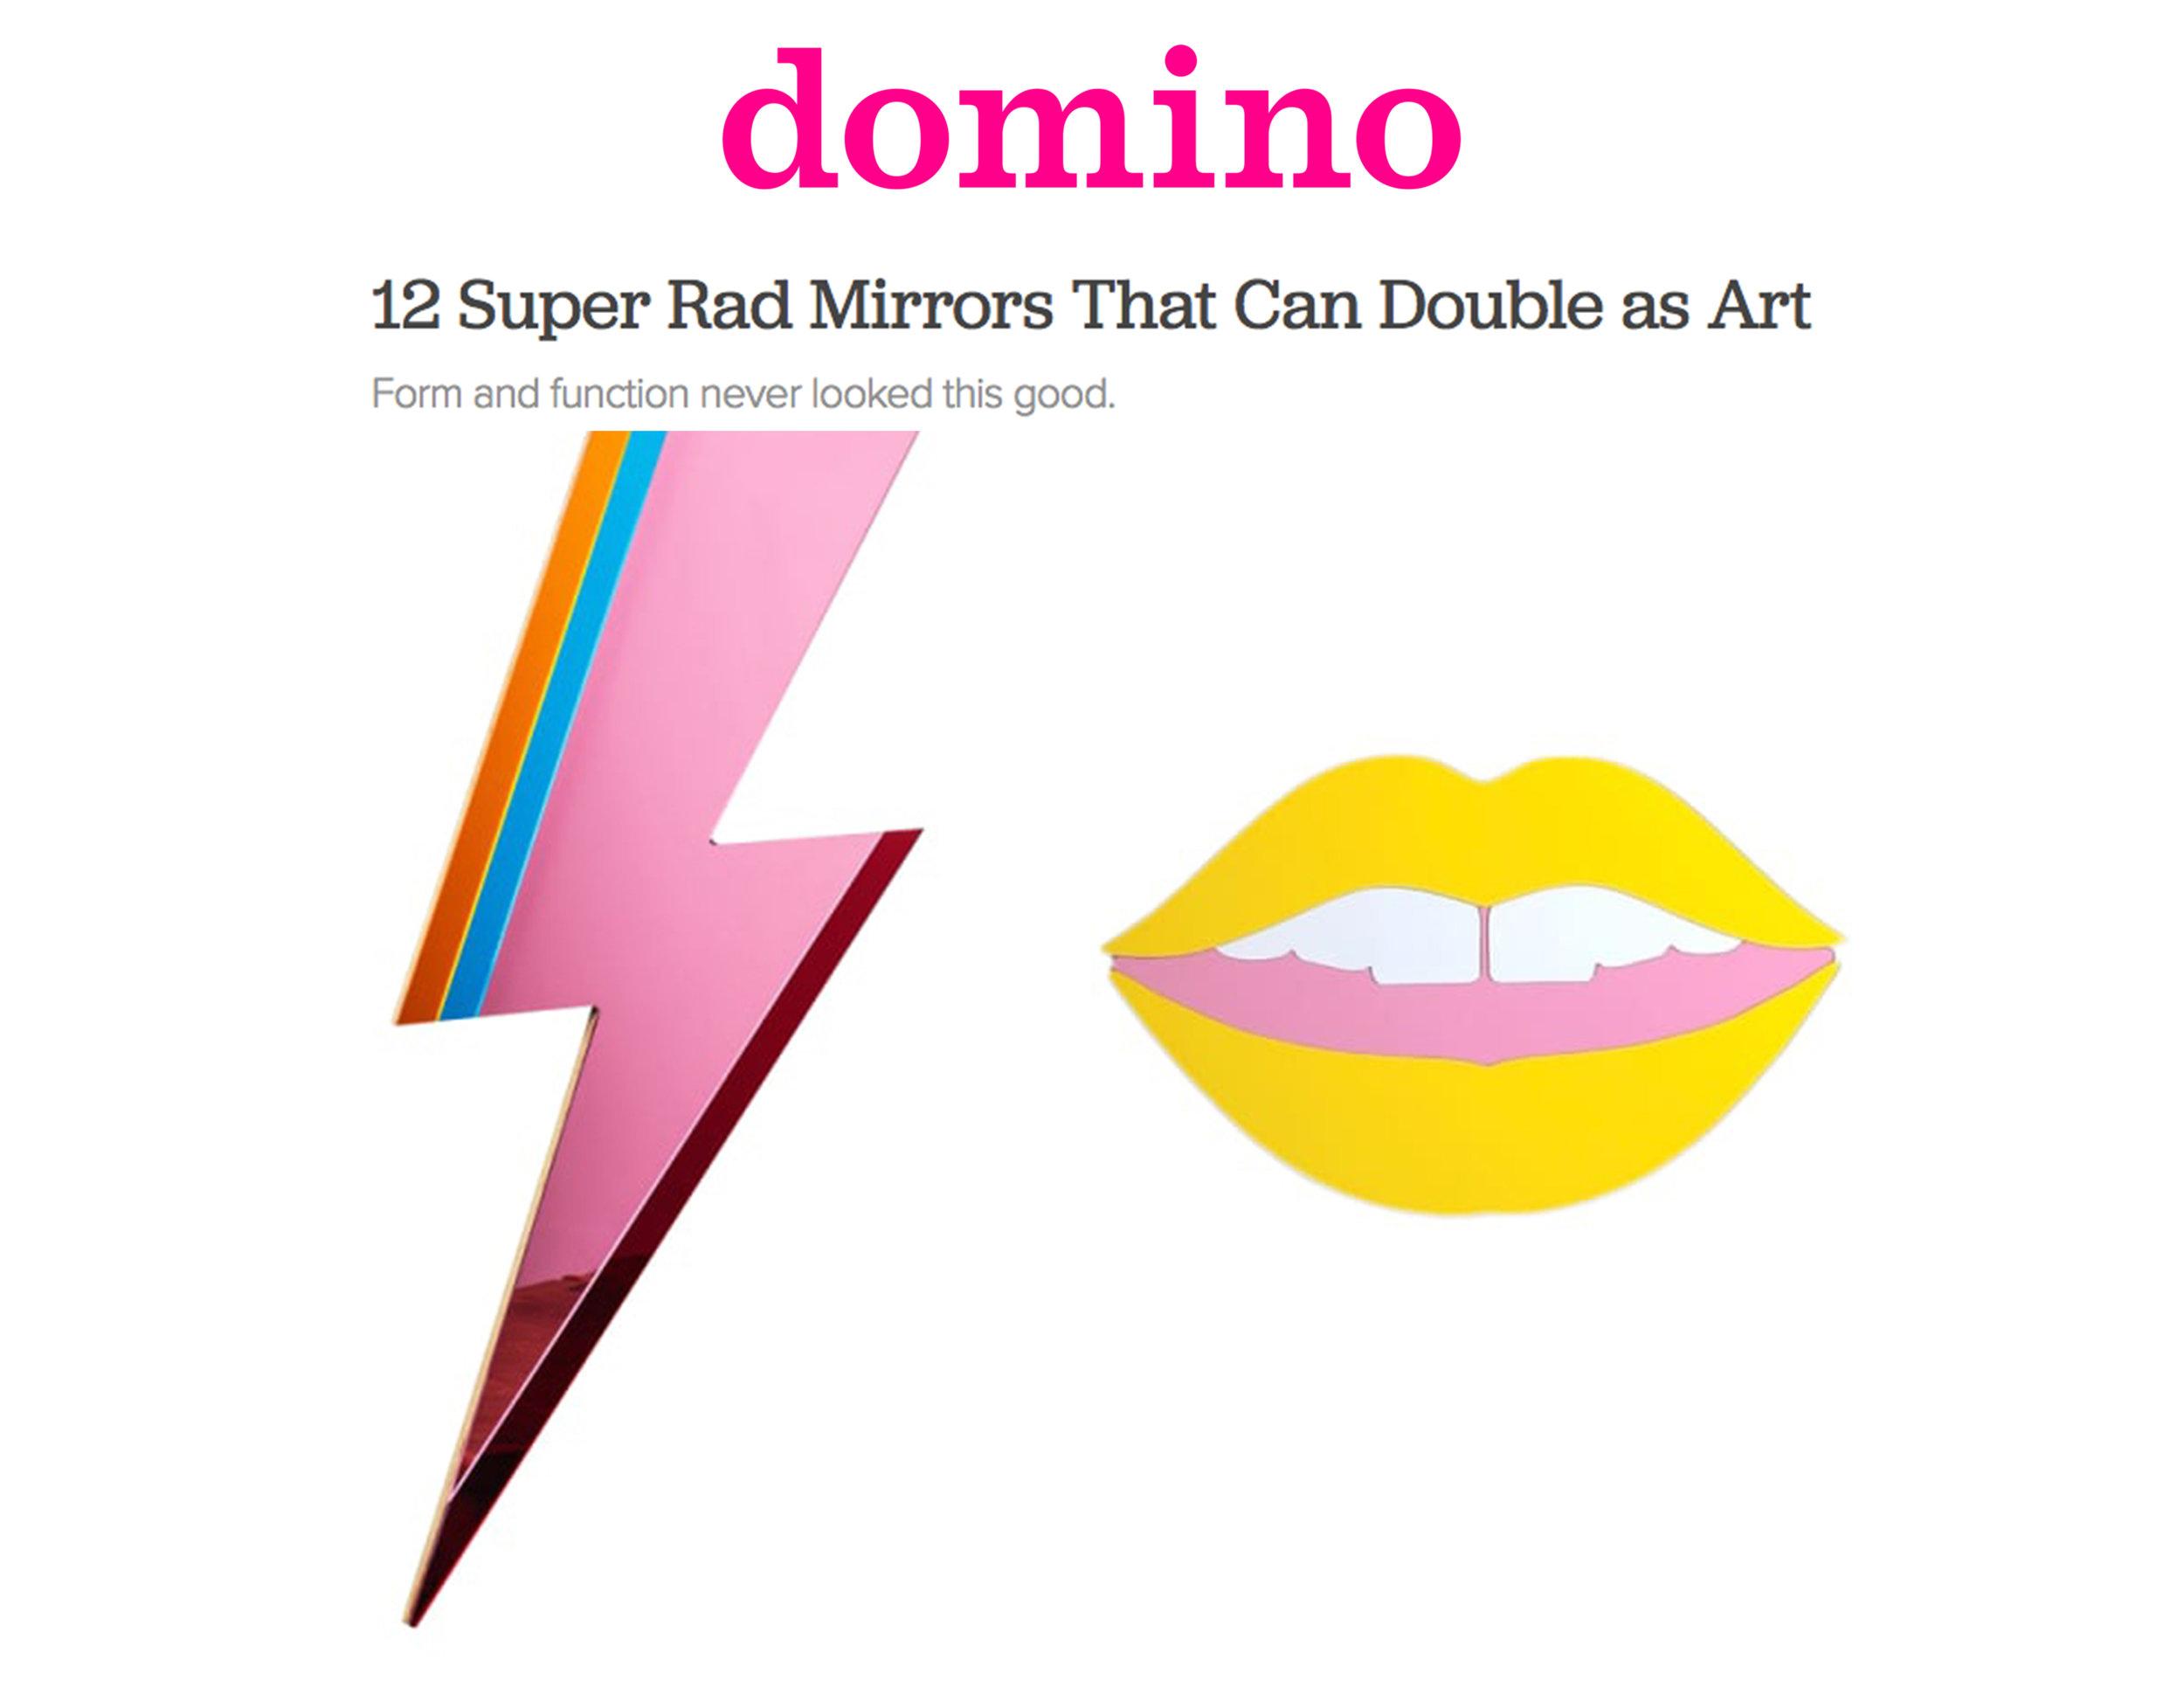 Domino, 21 Aug 18